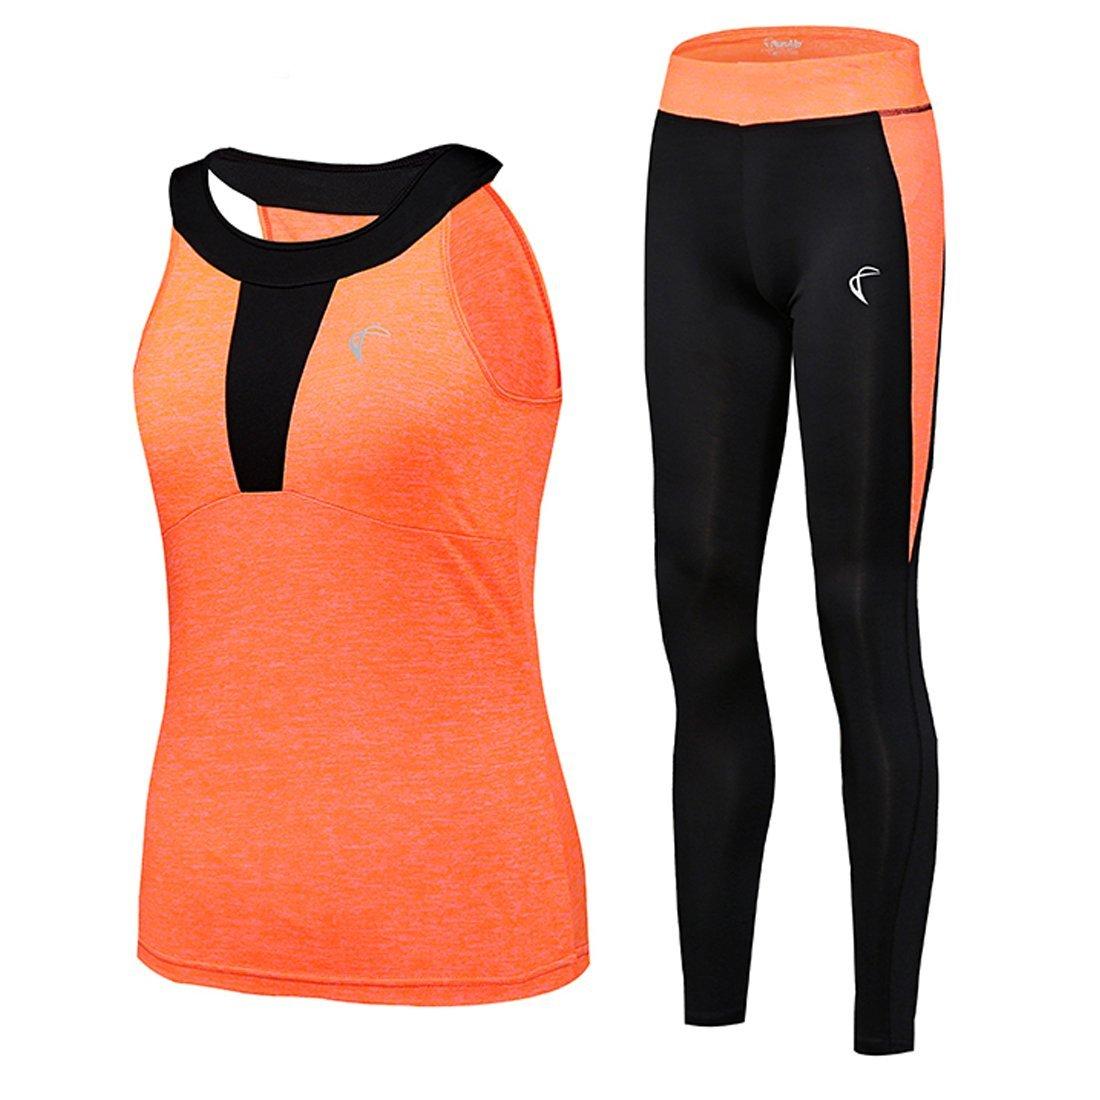 shelcupトラックスーツの女性ヨガワークアウトFitness実行アスレチックスポーツジムタンクトップパンツ2ピースセット、4色選択 Medium Orange top, black pant B079GSQT9H